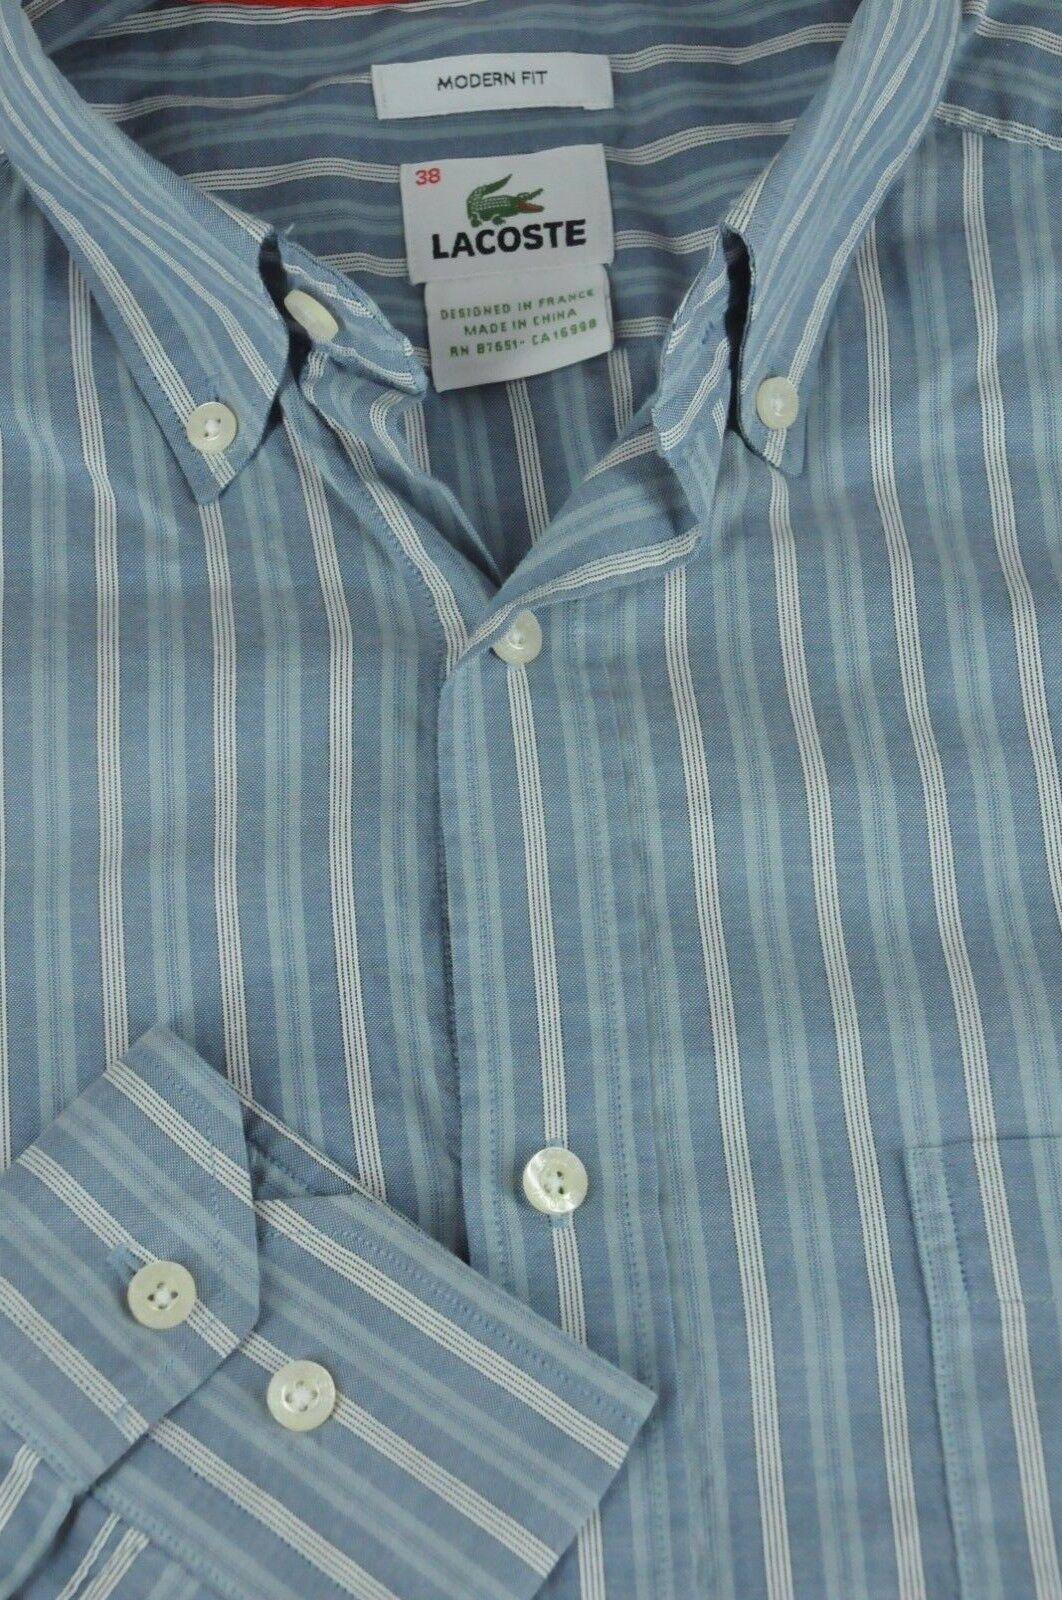 Lacoste Uomo Grigio & Righe Bianche Camicia di Cotone Casual M MEDIA Dimensione 38